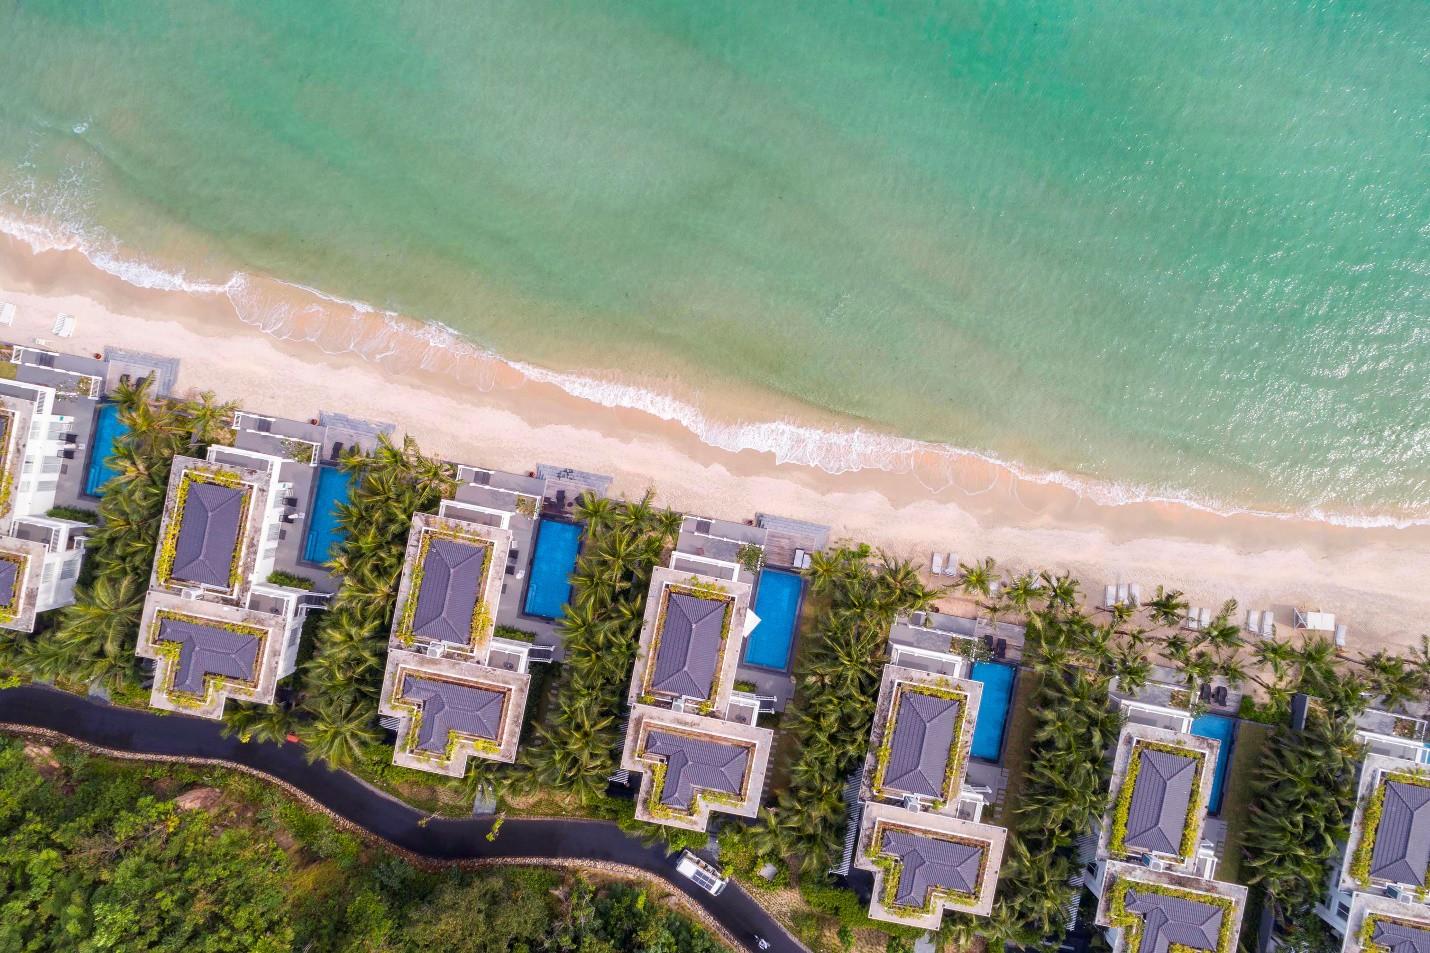 Mùa hè của gia đình tại Premier Village Phu Quoc Resort - Ảnh 1.